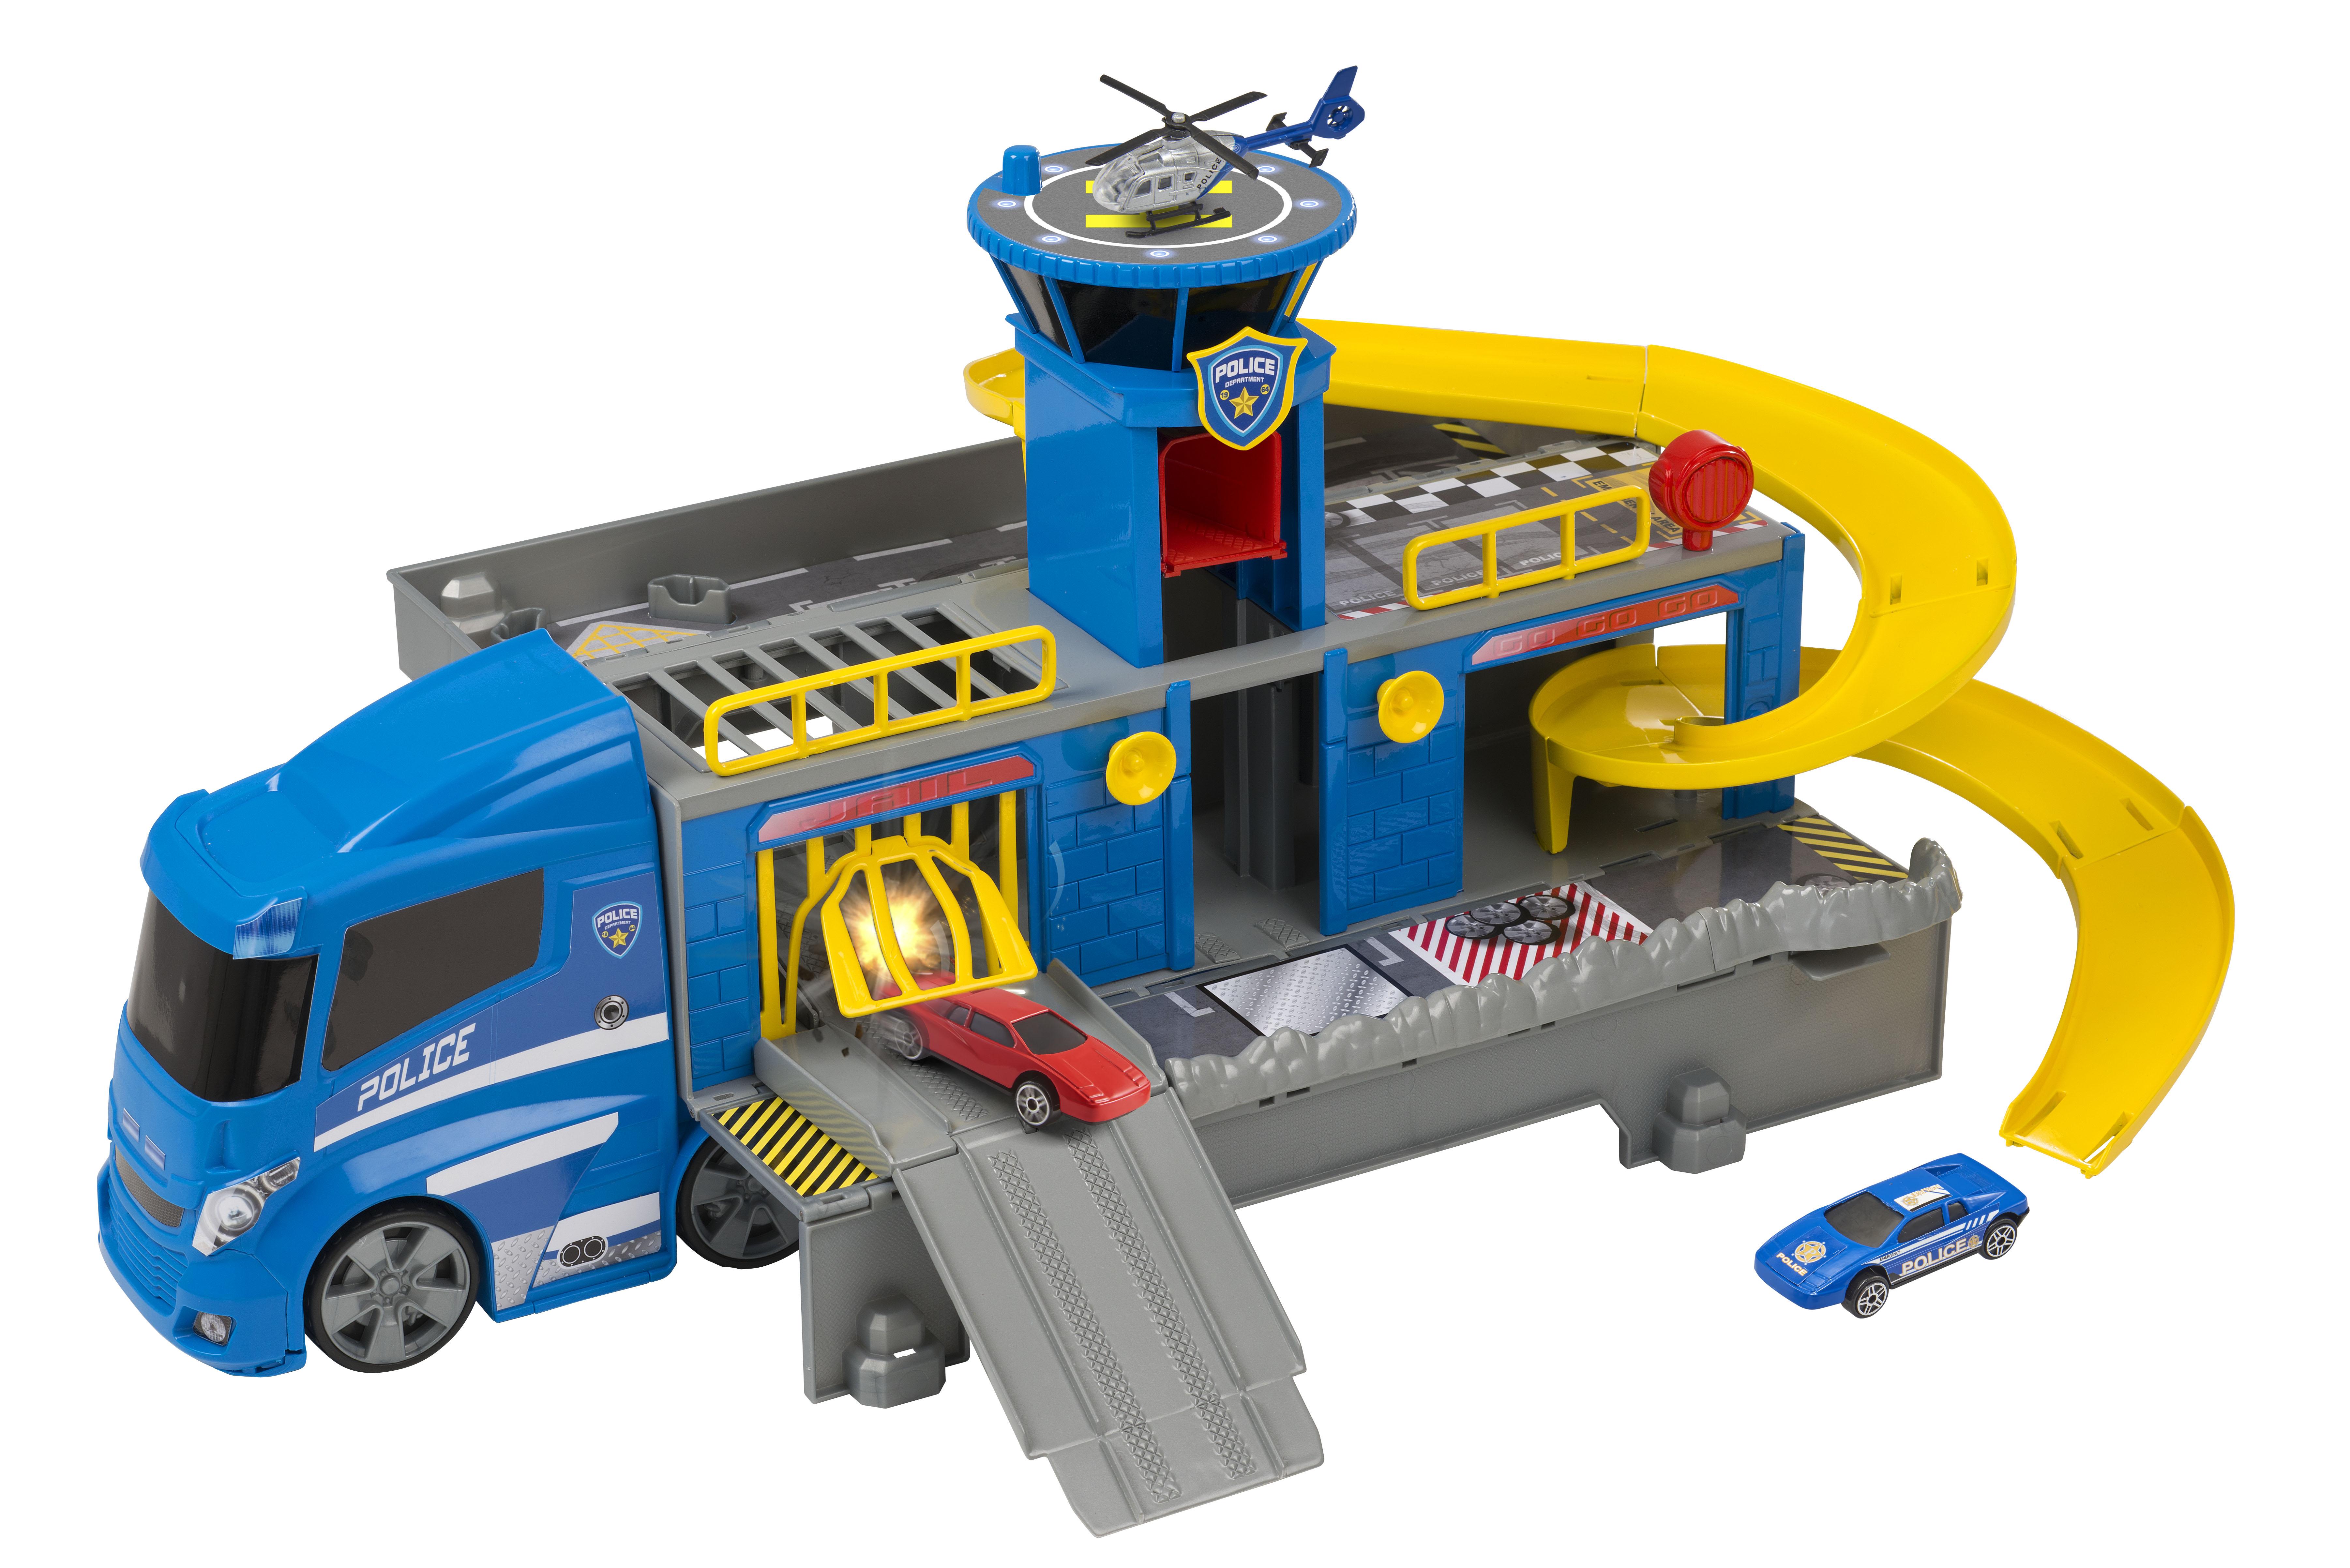 Купить Игровые наборы Профессия, Полицейский грузовик-трек с двумя машинками и вертолётом, HTI, Китай, Мужской